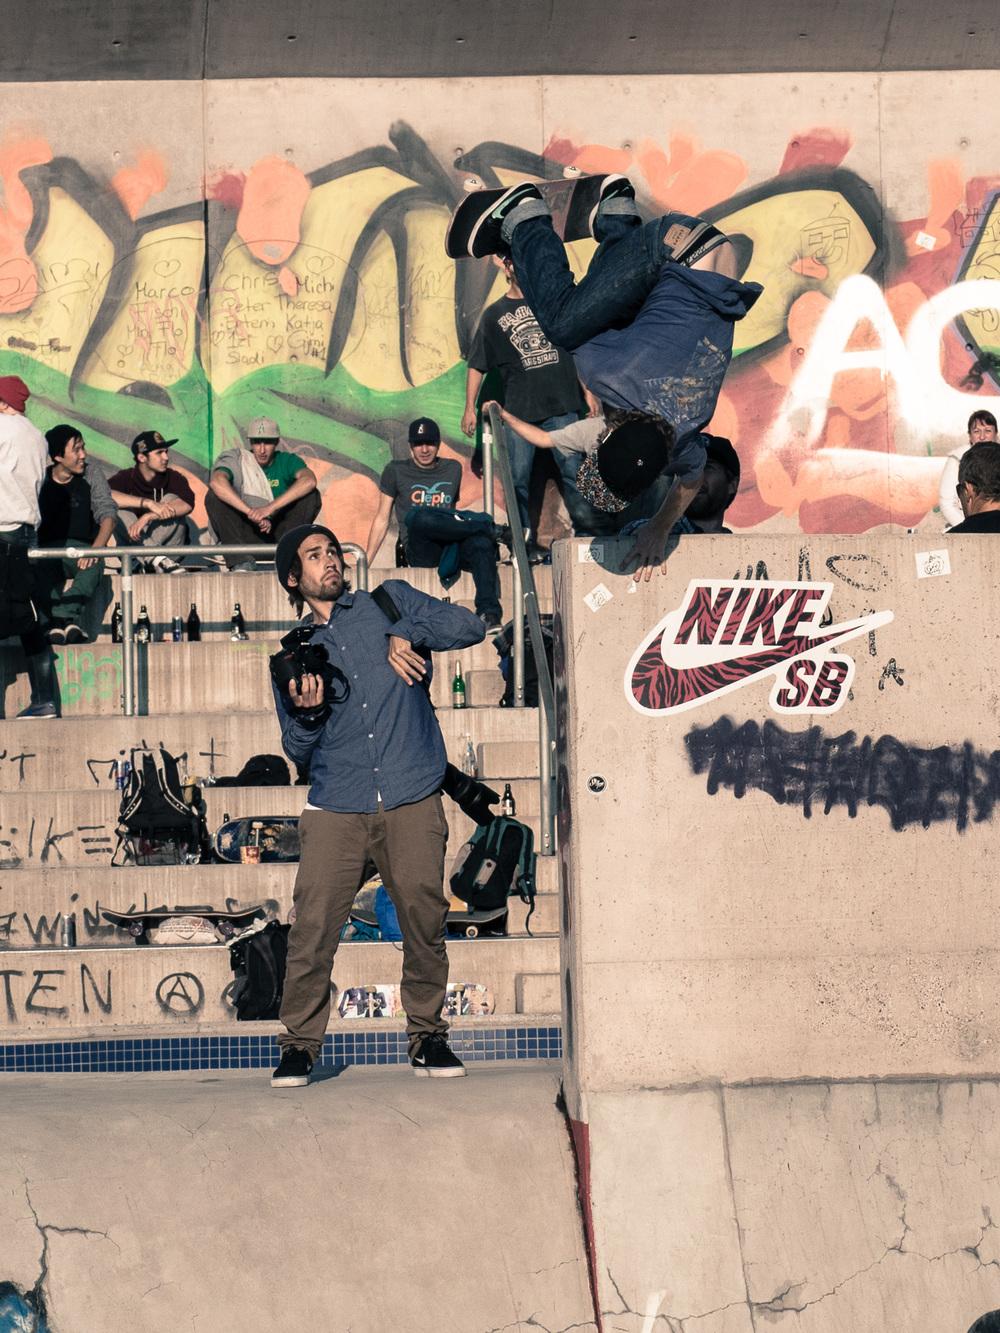 danielkeppler_blackorwhite_skateboard_grant_taylor (3 von 4).jpg